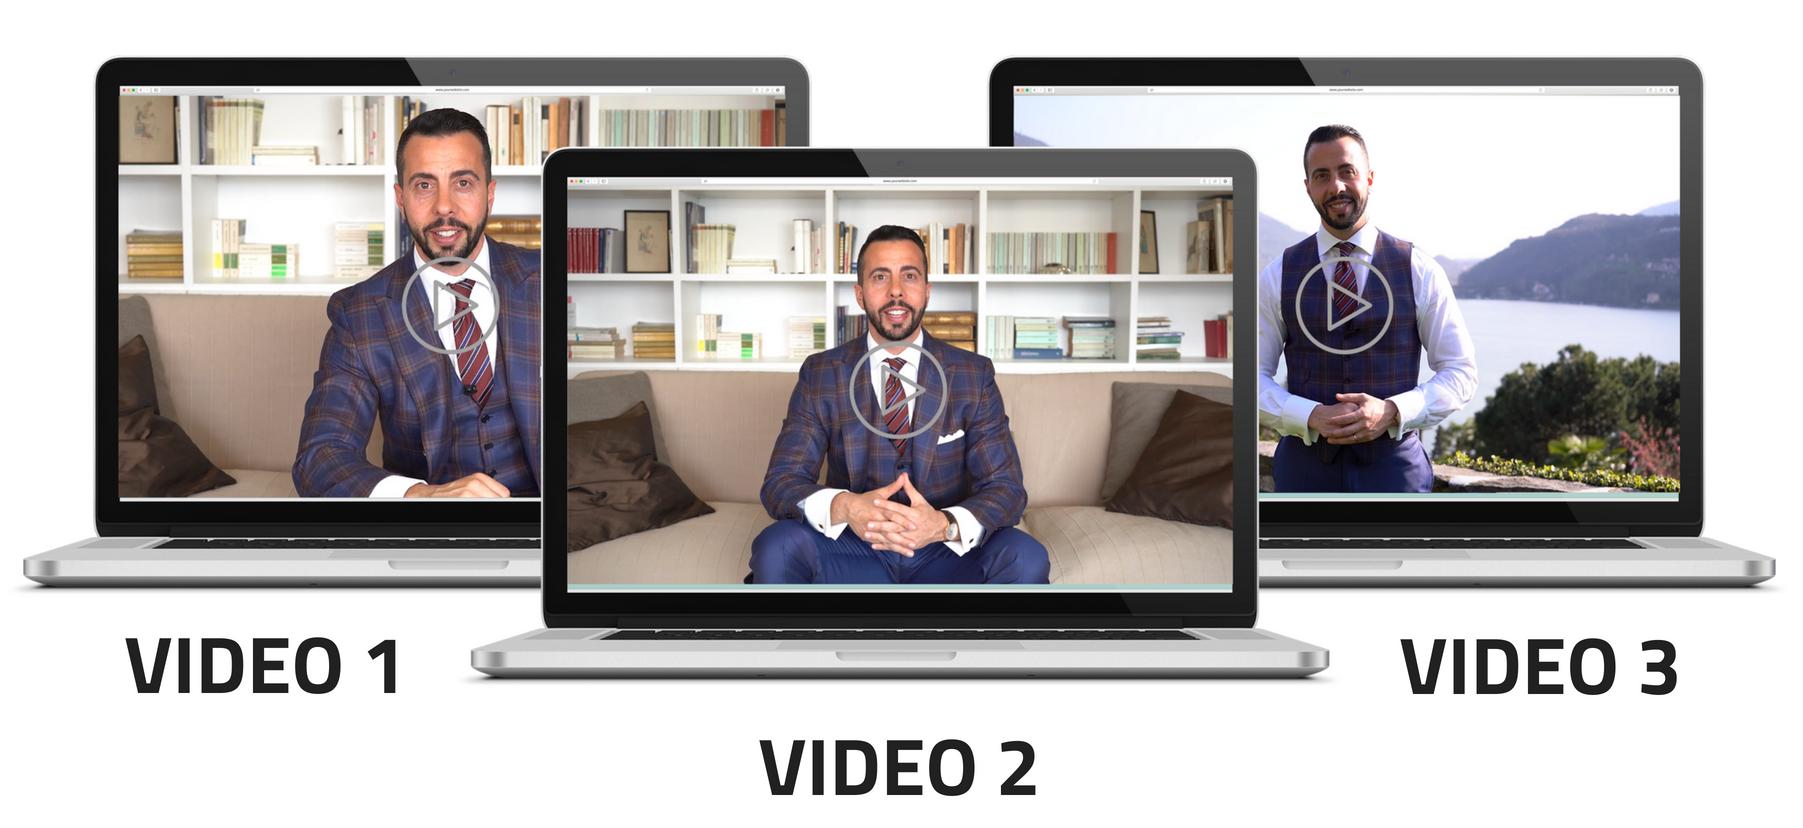 Clicca sull'immagine e scarica i 3 video gratuiti